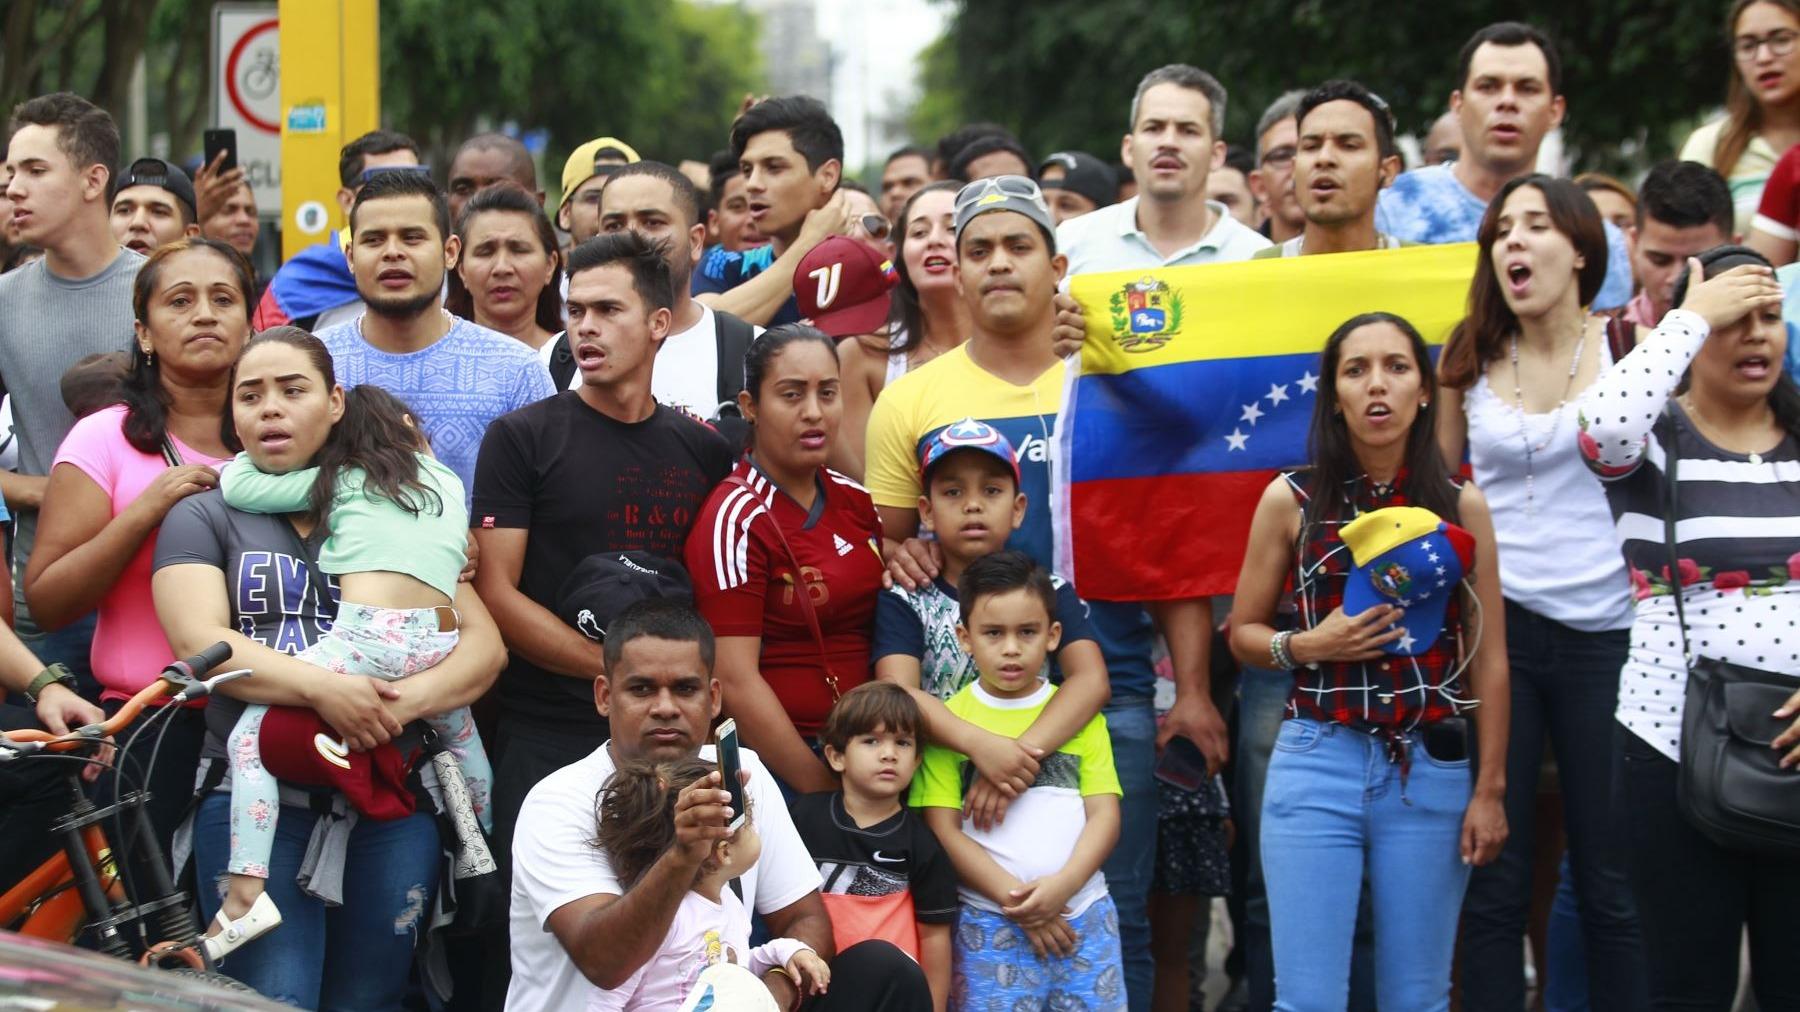 Las protestas frente a la embajadas se dieron desde mediodía.